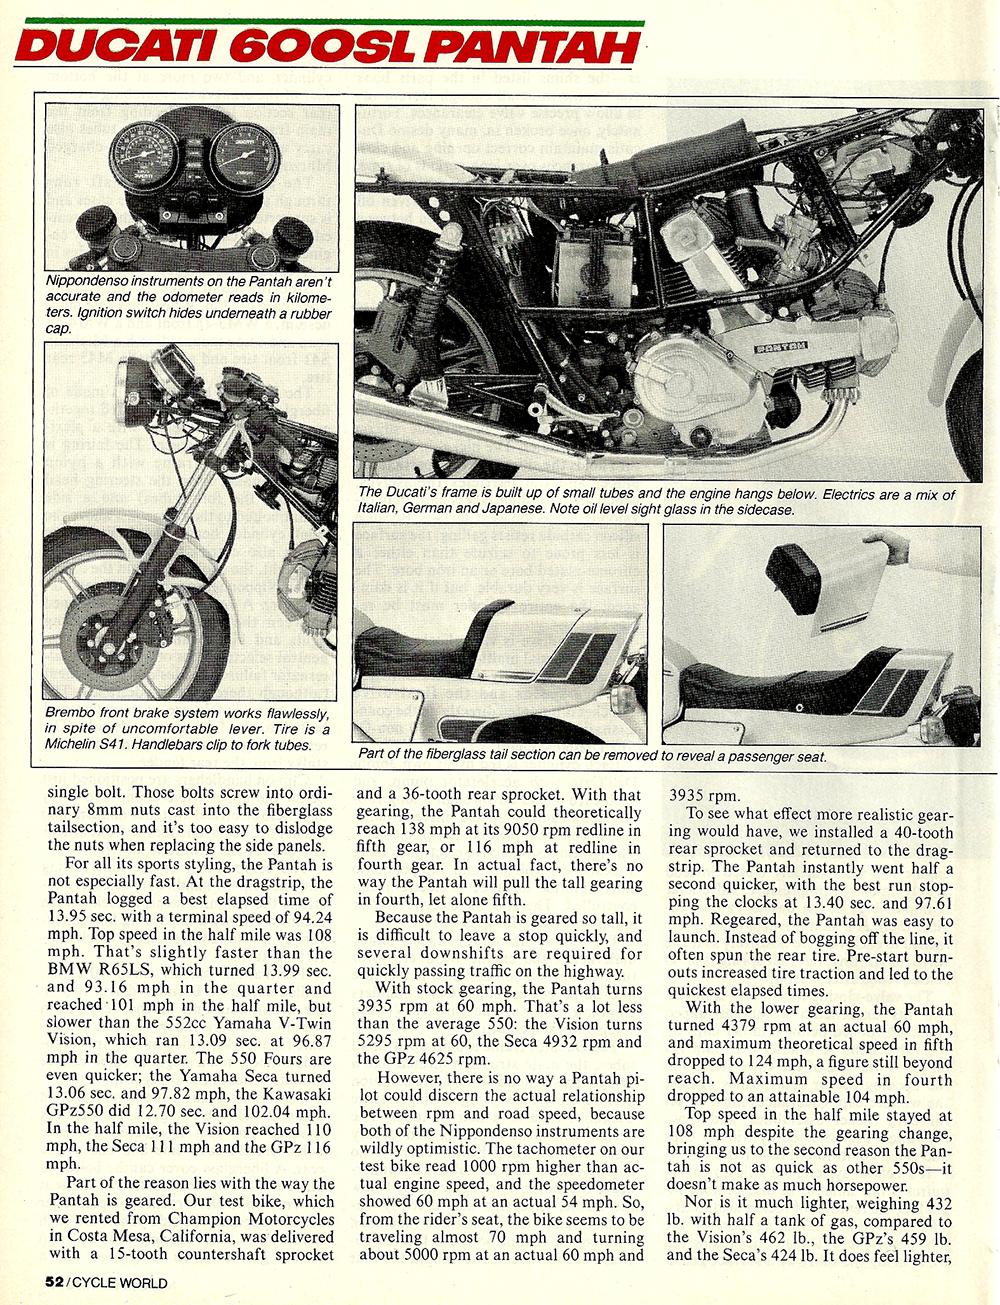 1982 Ducati 600SL Pantah road test 05.jpg